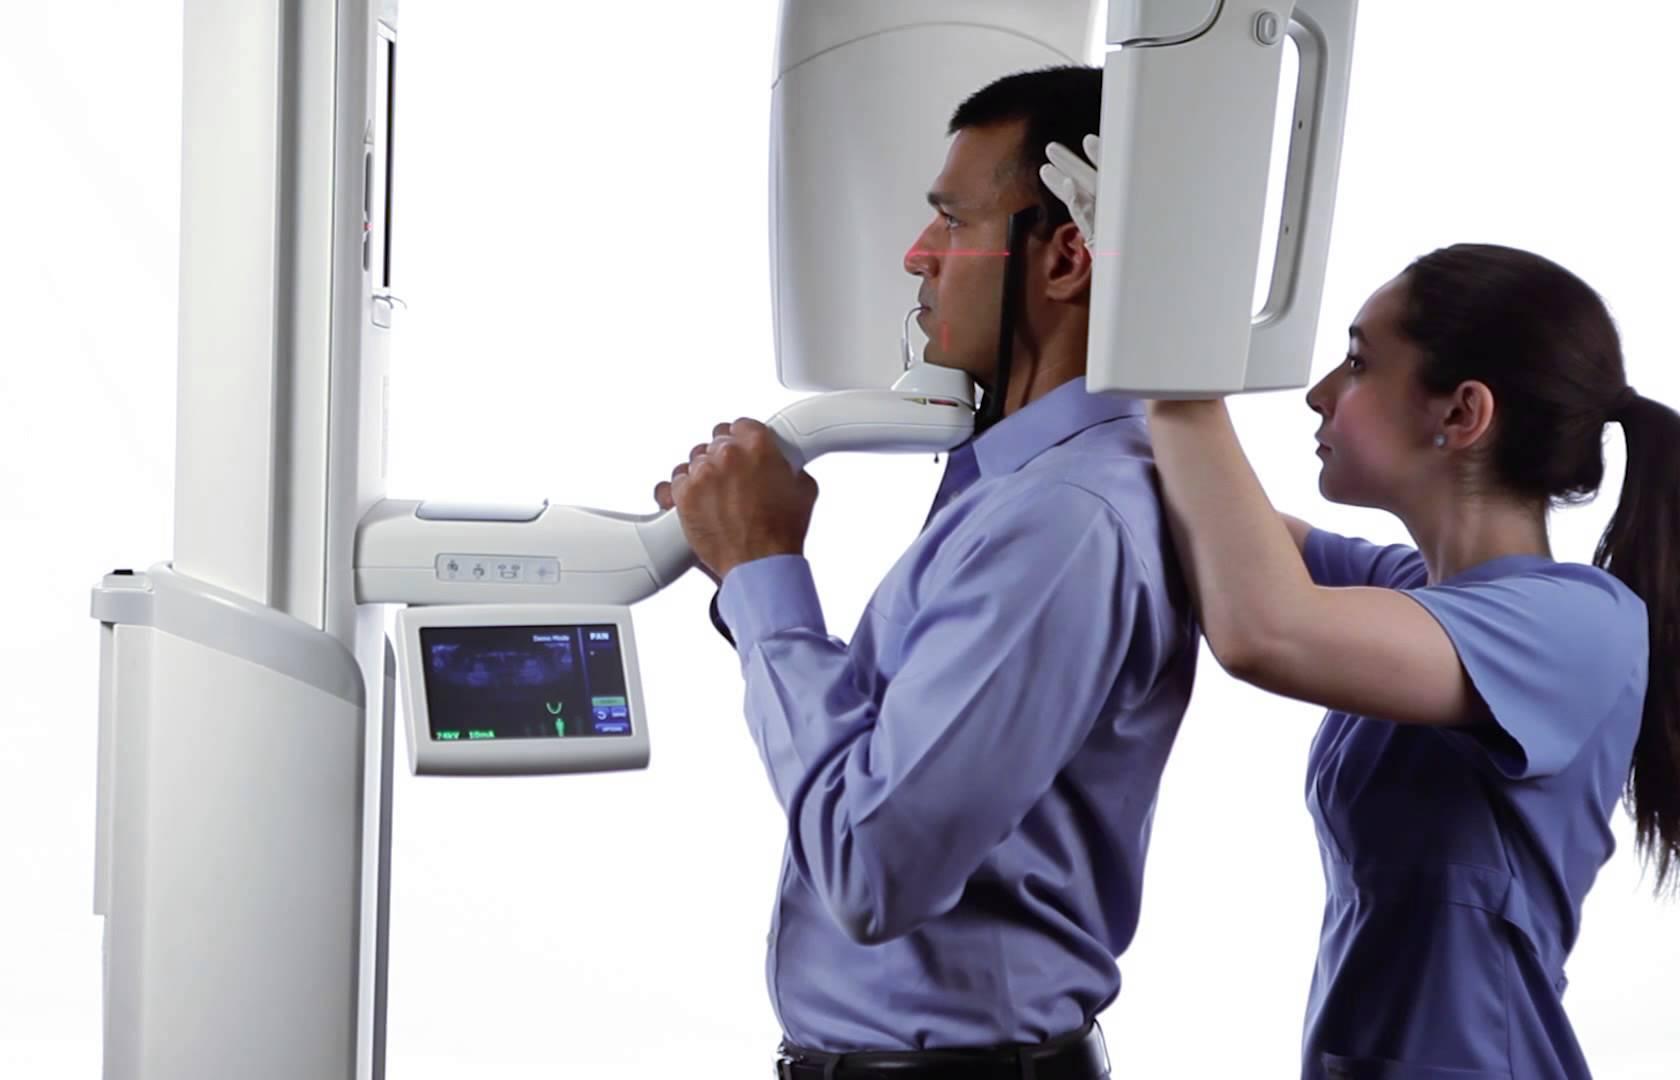 16€ από 50€ για Πανοραμική Ακτινογραφία Δοντιών, ιδανική για Πρόληψη & Διάγνωση Προβλημάτων σε Γνάθους & Στοματική Κοιλότητα, σε ''Πράξις Υγείας'' & ''Χρήστος Χρήστου Med''